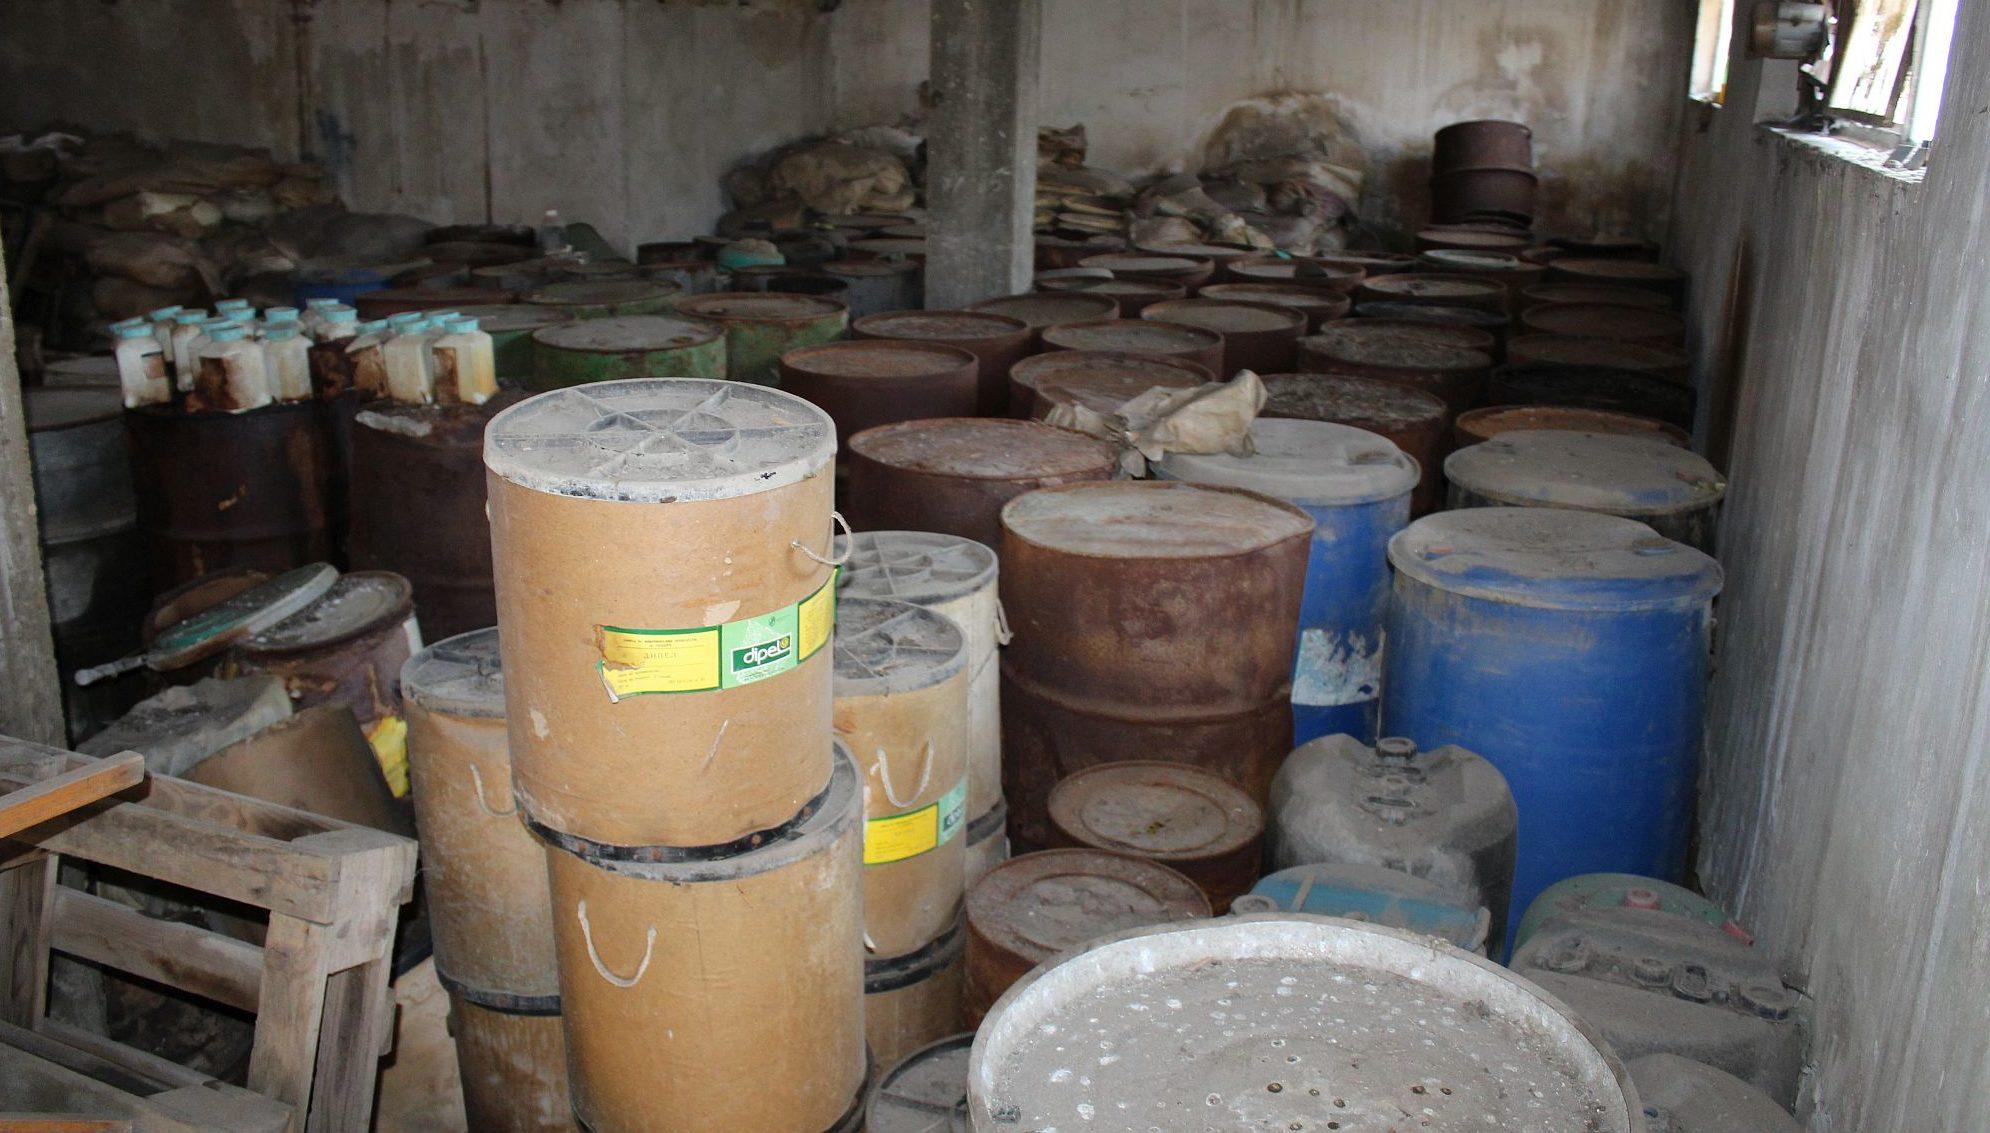 Обезвреждат 180 тона пестициди с изтекъл срок на годнос� ...